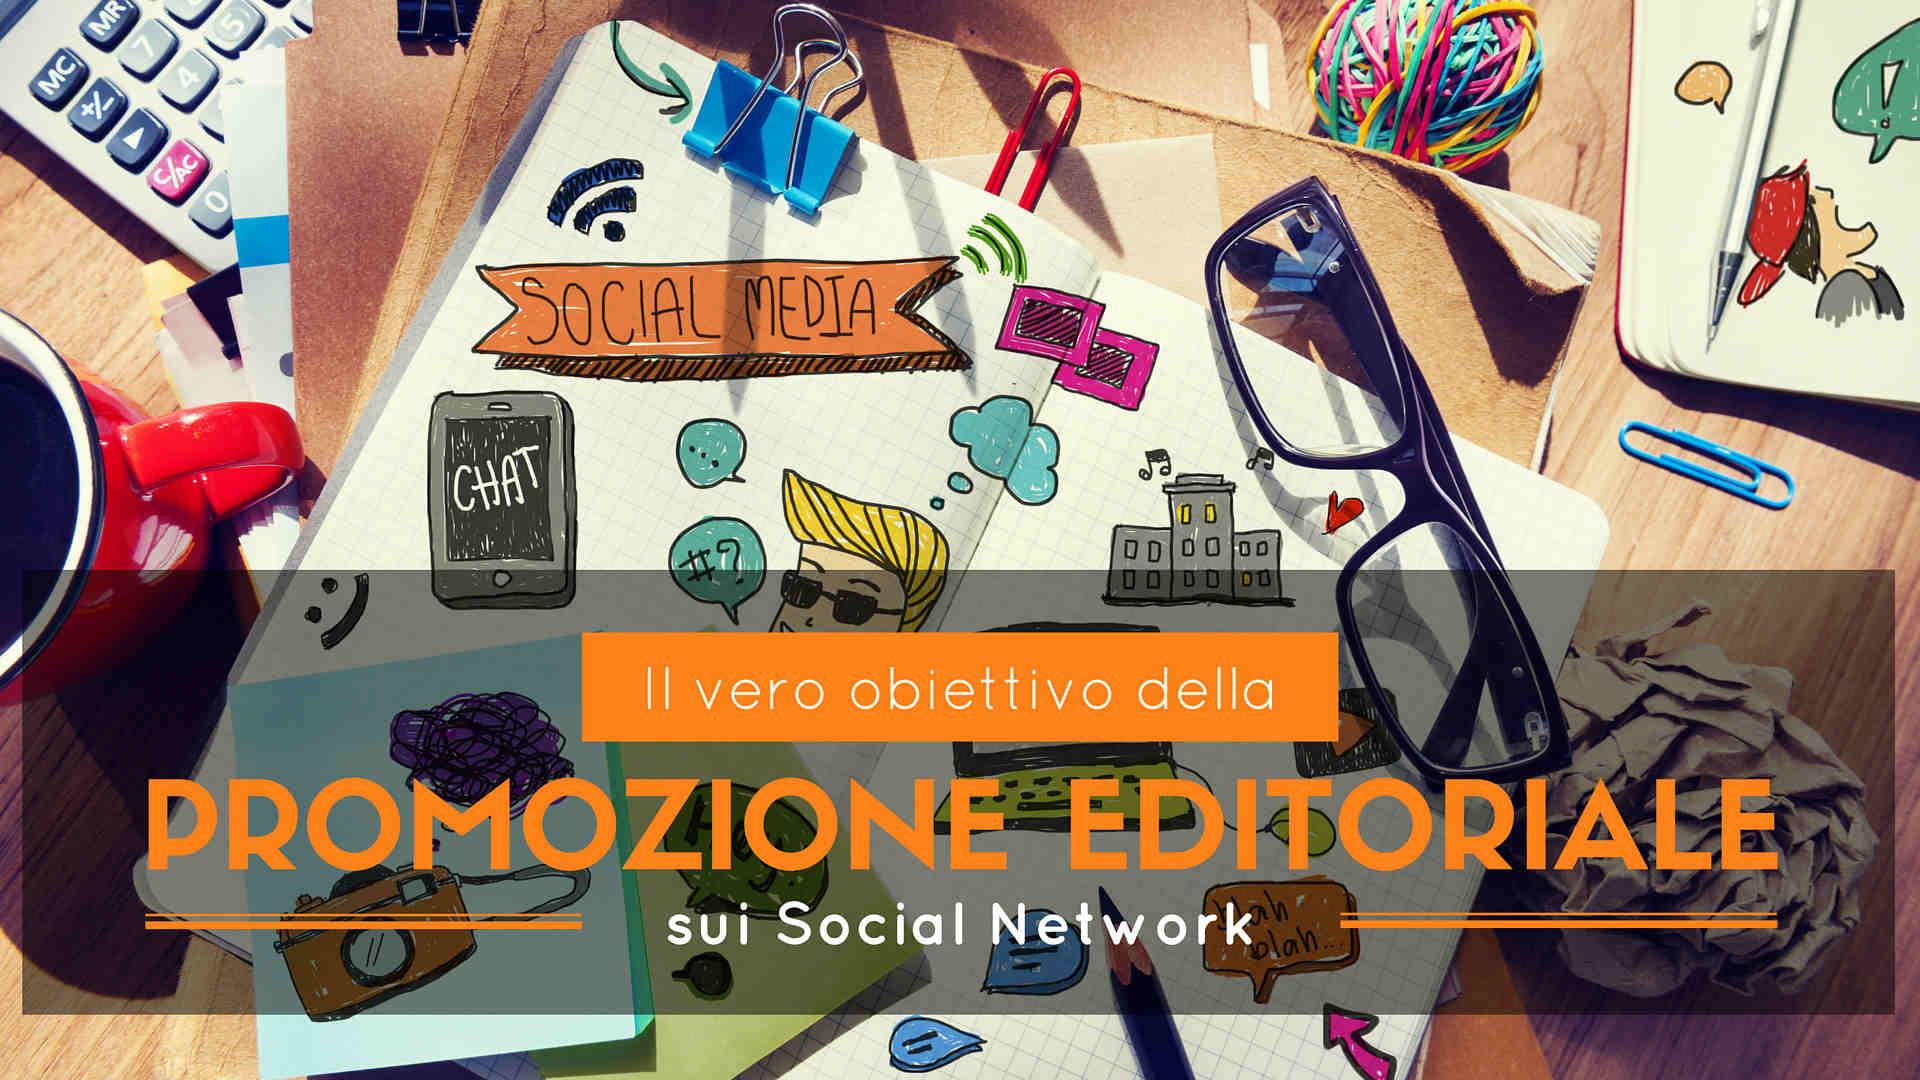 il vero obiettivo della promozione editoriale sui social network